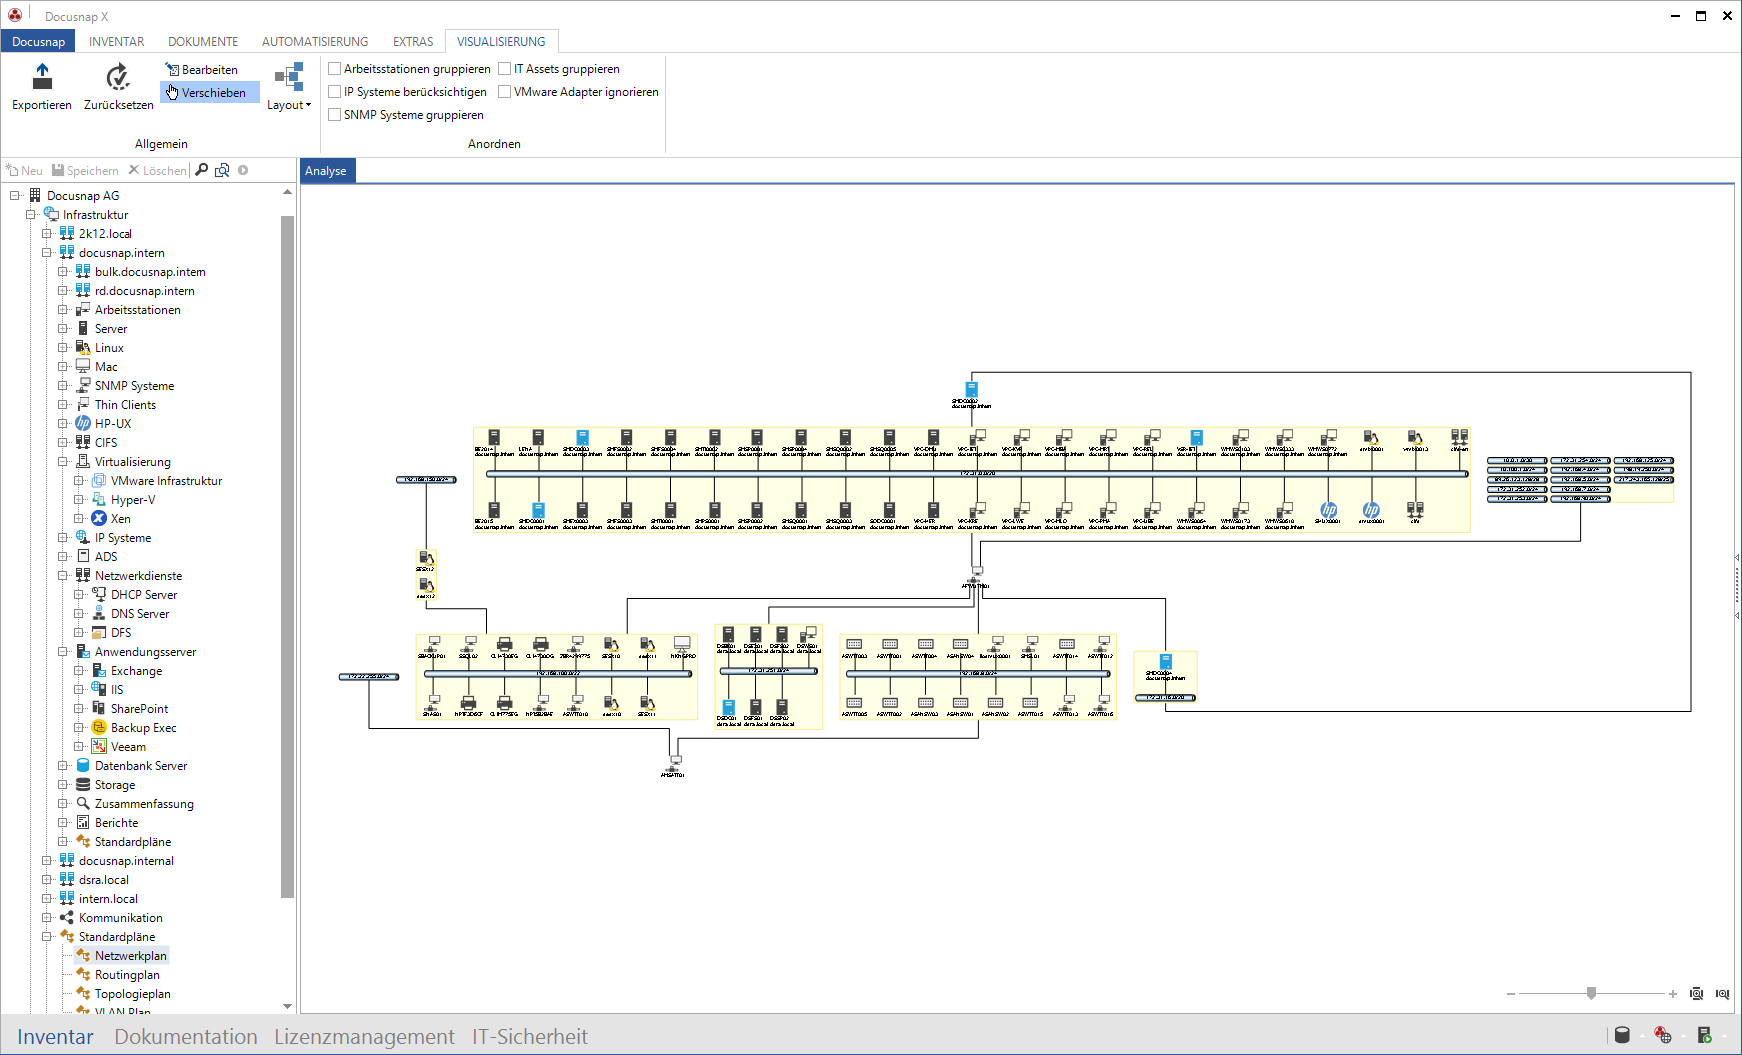 Visualisierung des Netzwerk Plans innerhalb der IT Dokumentation